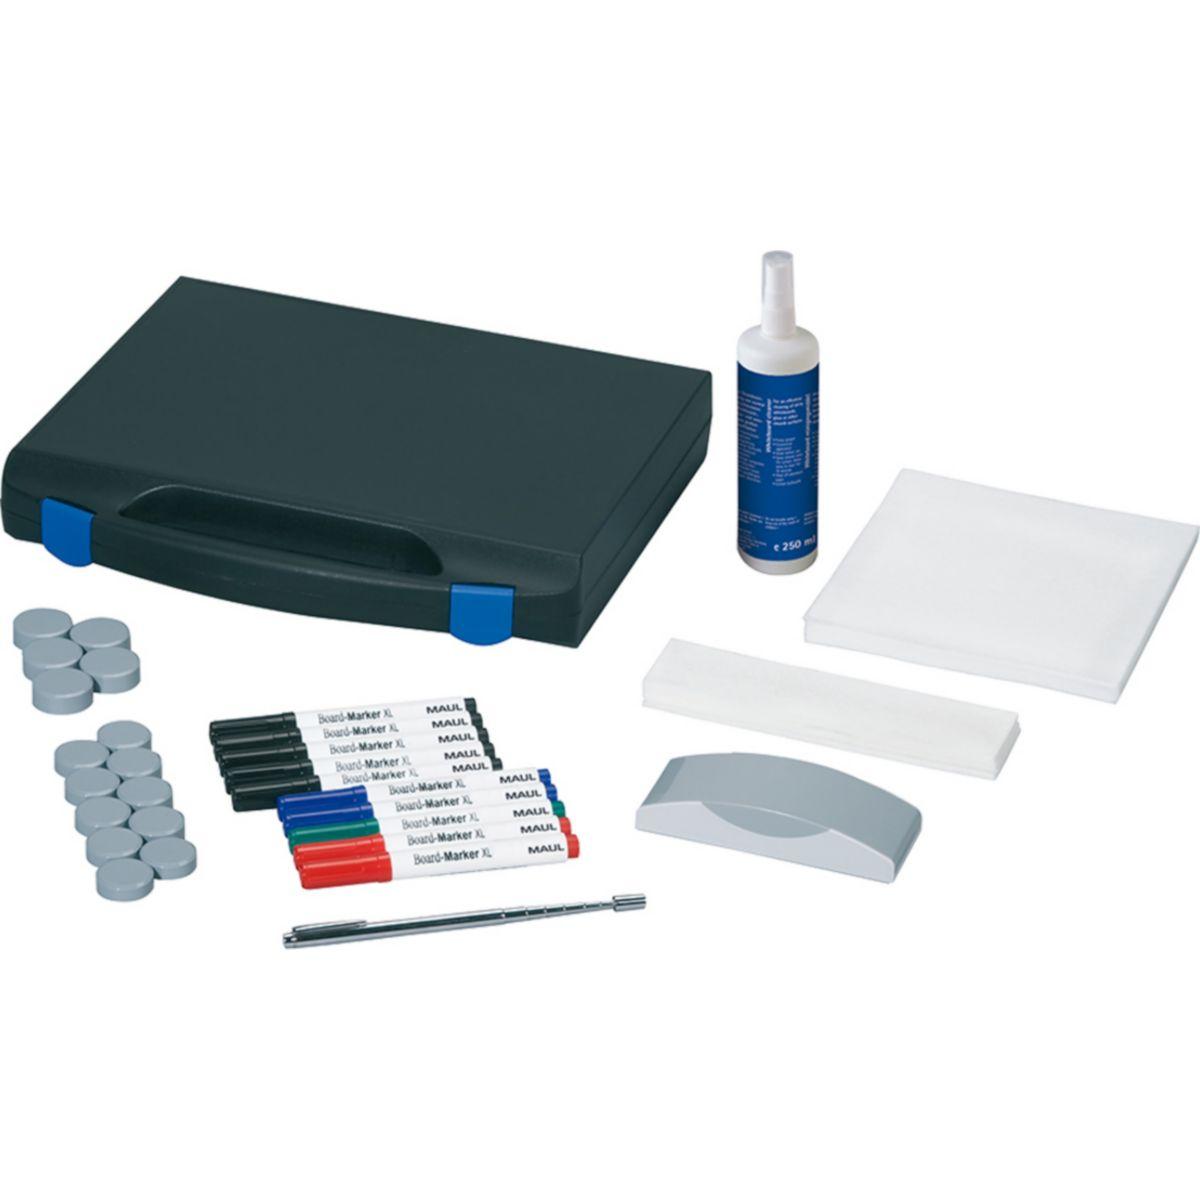 Maul Whiteboard Zubehör-Set Koffer inkl. 10 Boardmarkern, Tafelwischer, Reiniger, Kugelschreiber, K jetztbilligerkaufen